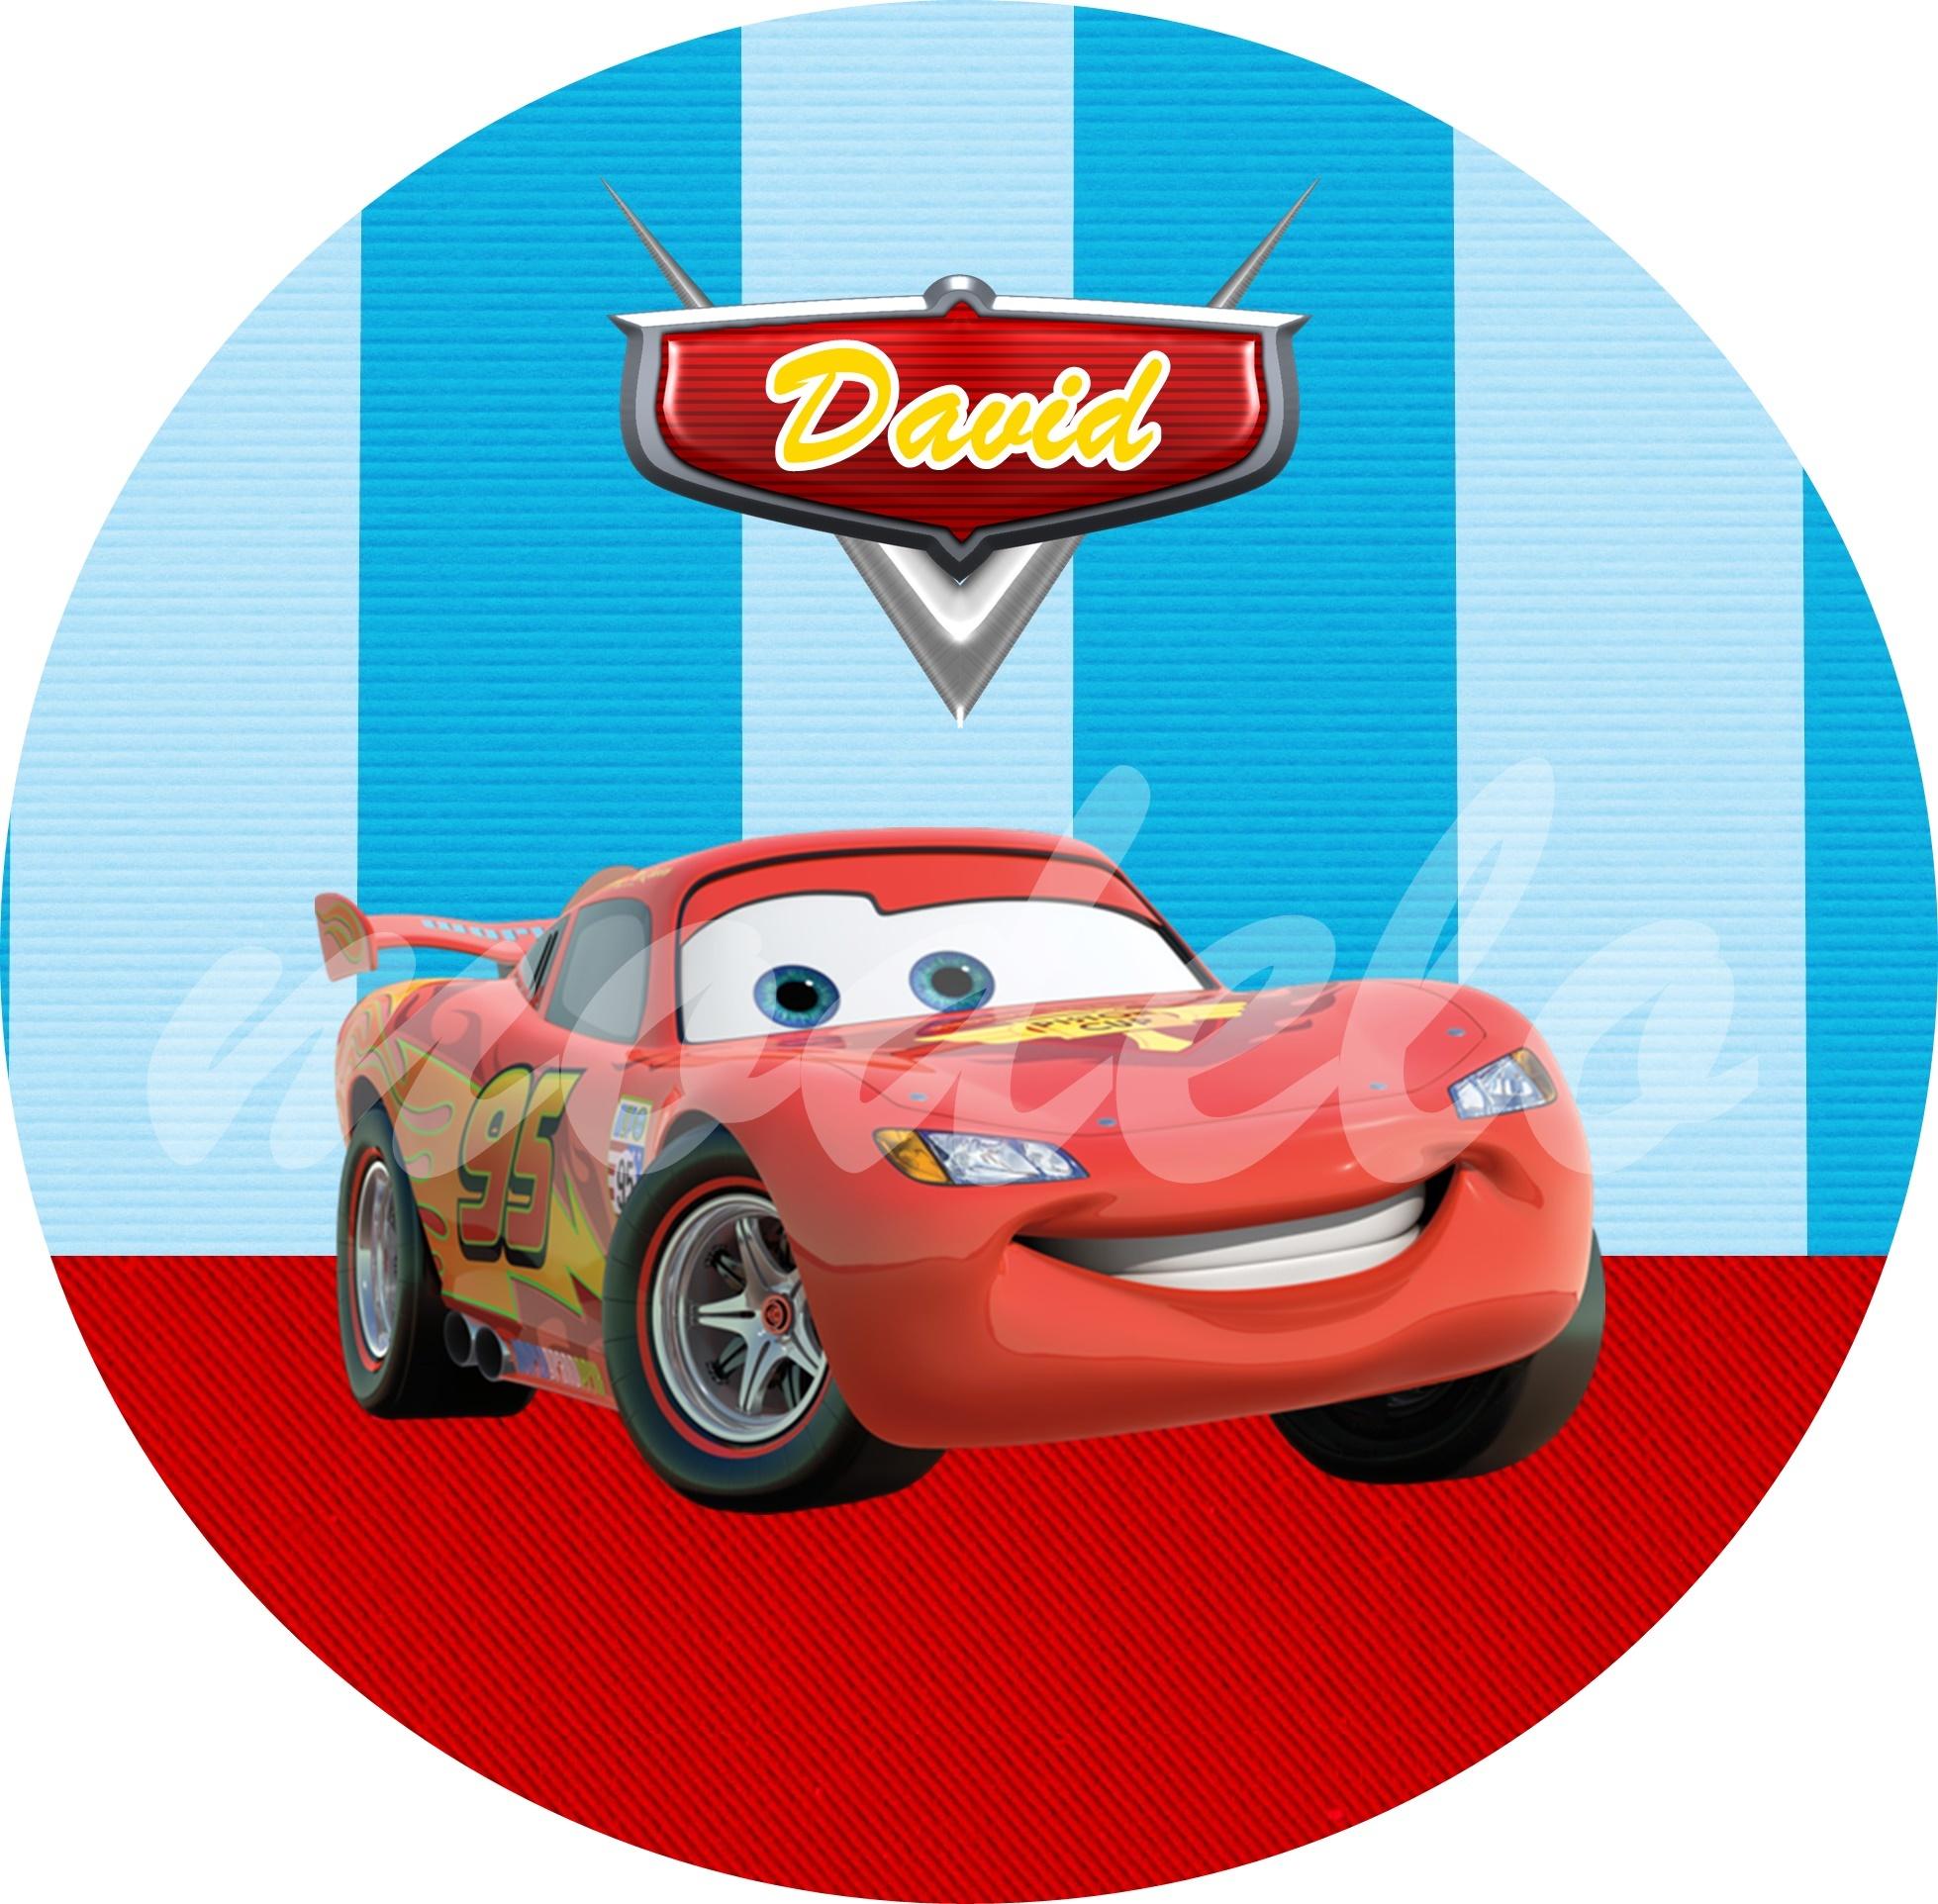 Arte Digital Carros No Elo7 Atelie Belle Personalizados 38b4c1